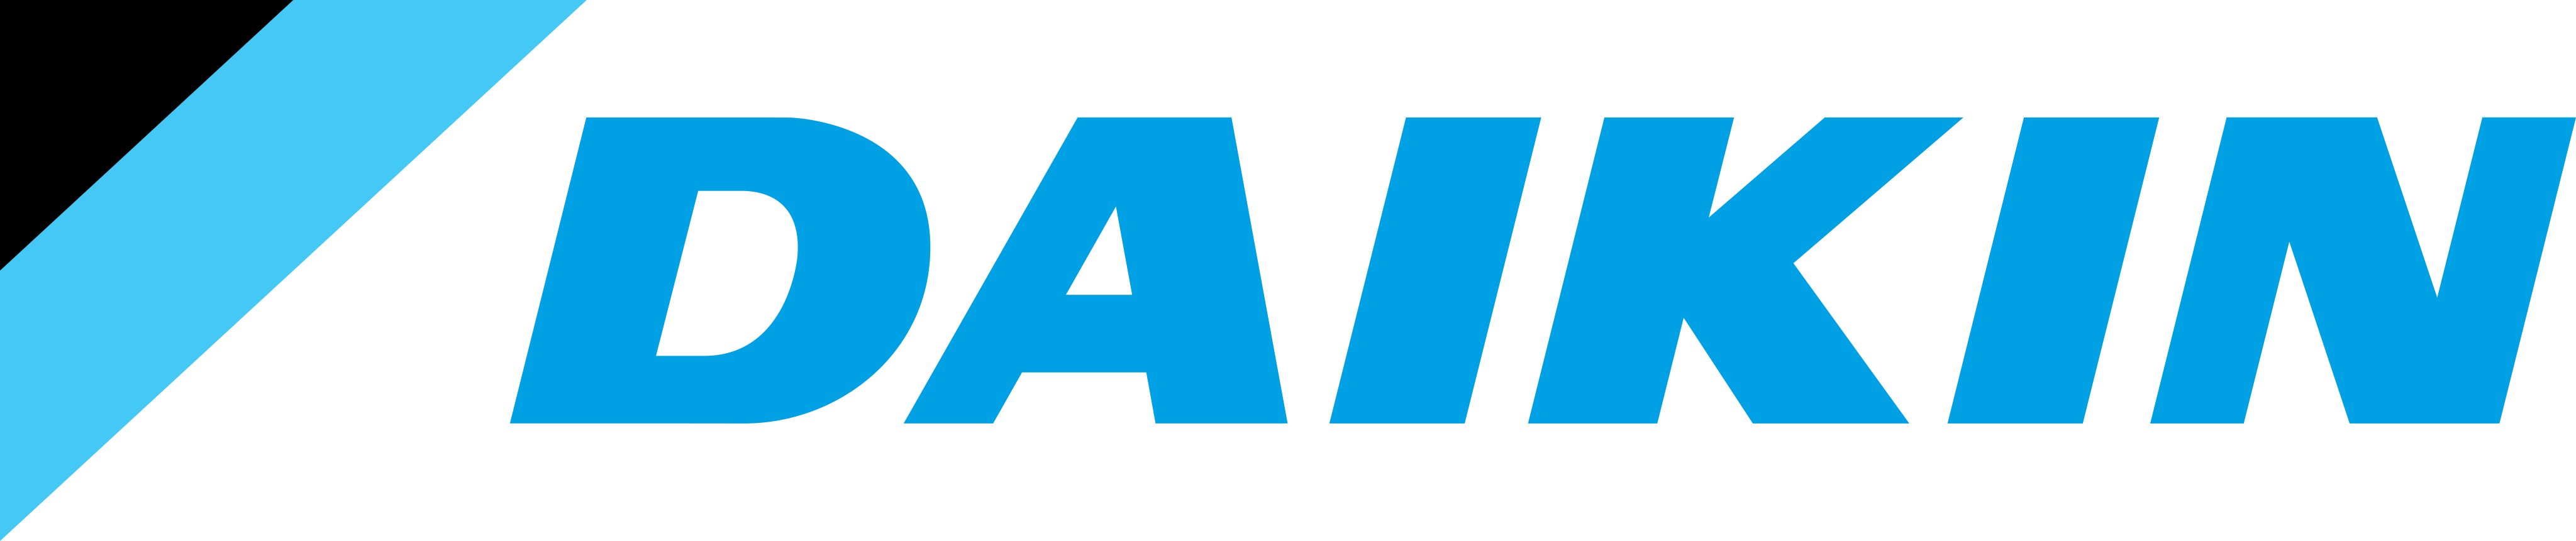 daikin logo - Daikin Logo